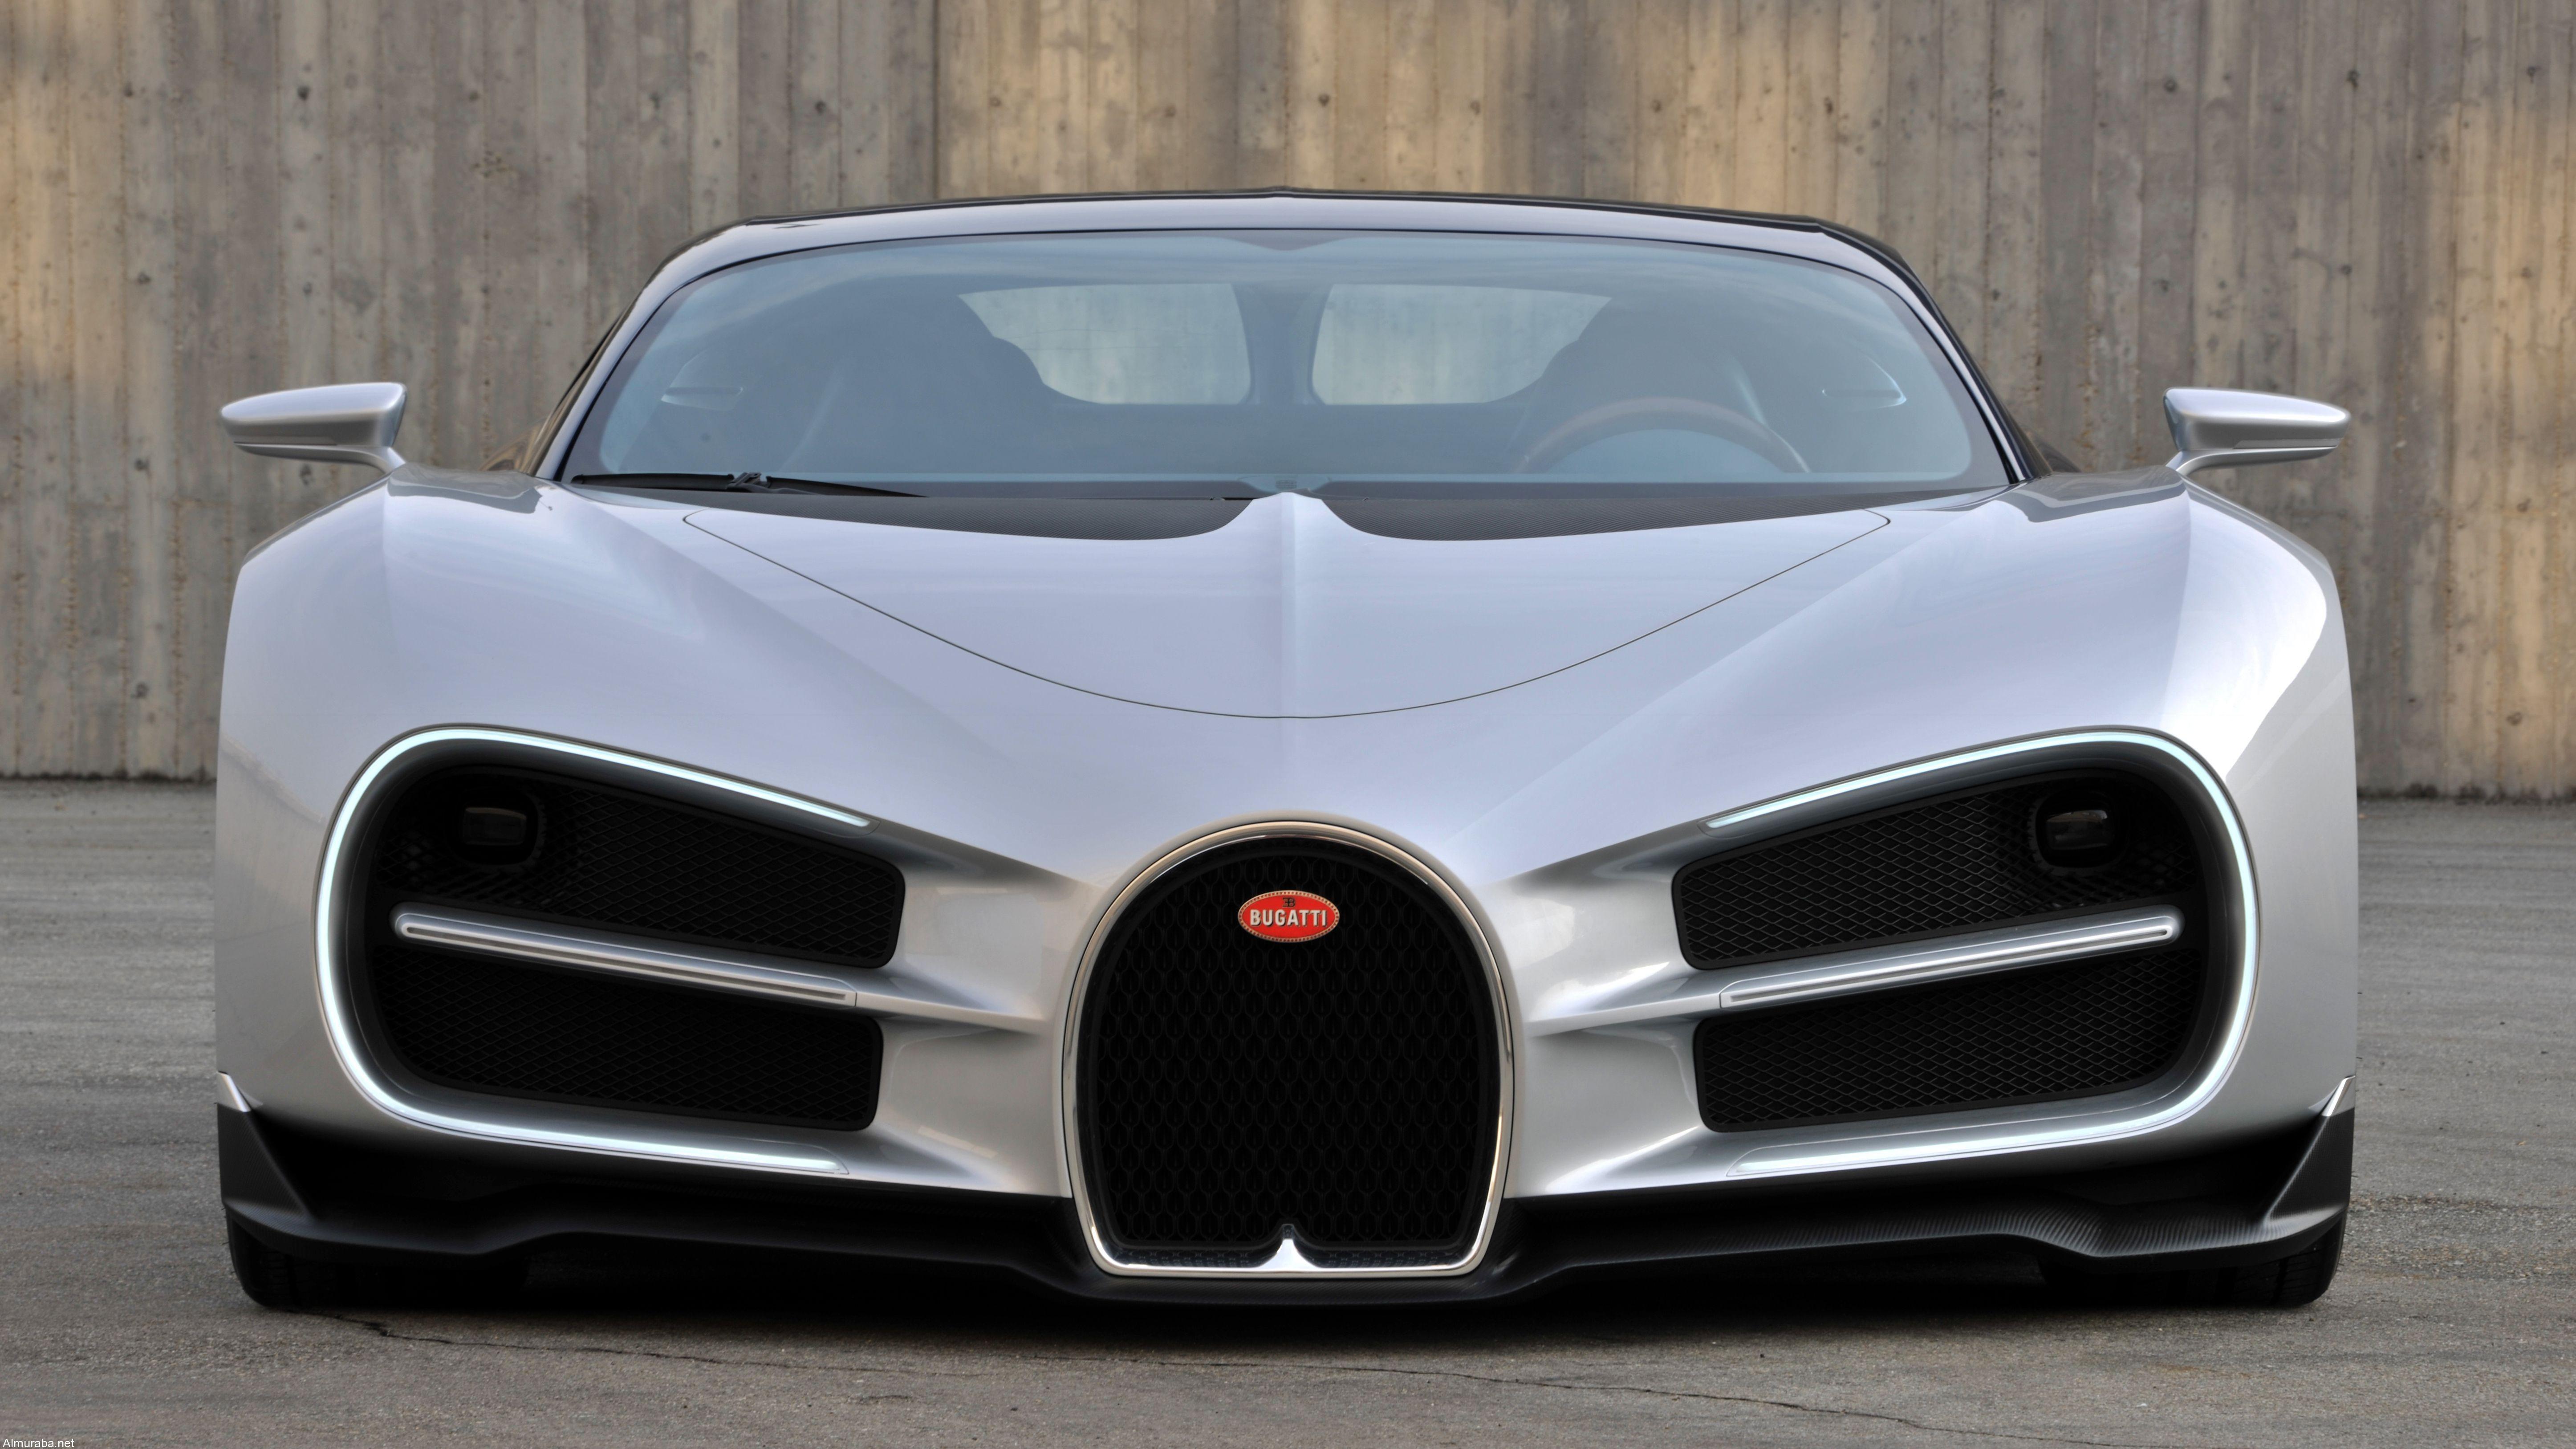 تعرف على الشكل الأصلي لبوجاتي شيرون قبل تغييره في موديل الإنتاج Bugatti Chiron | المربع نت